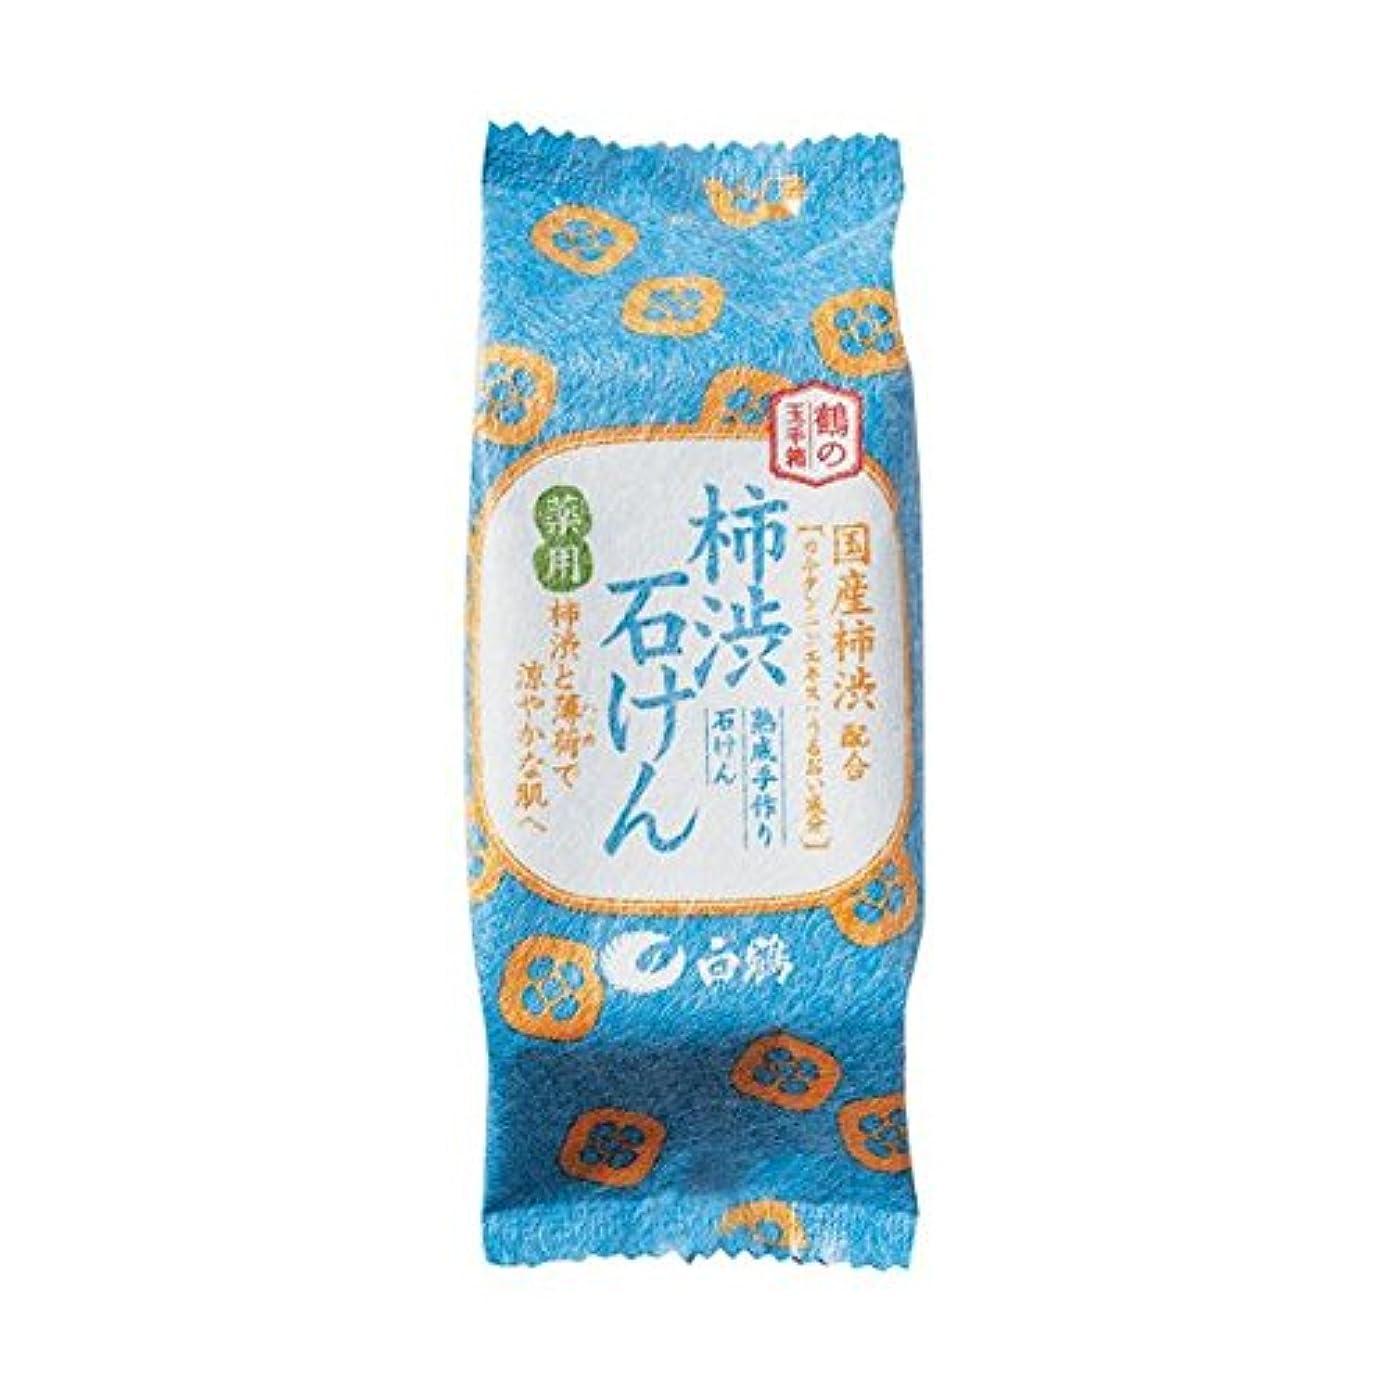 粘り強いフクロウ特徴づける白鶴 鶴の玉手箱 薬用 柿渋石けん 110g × 3個